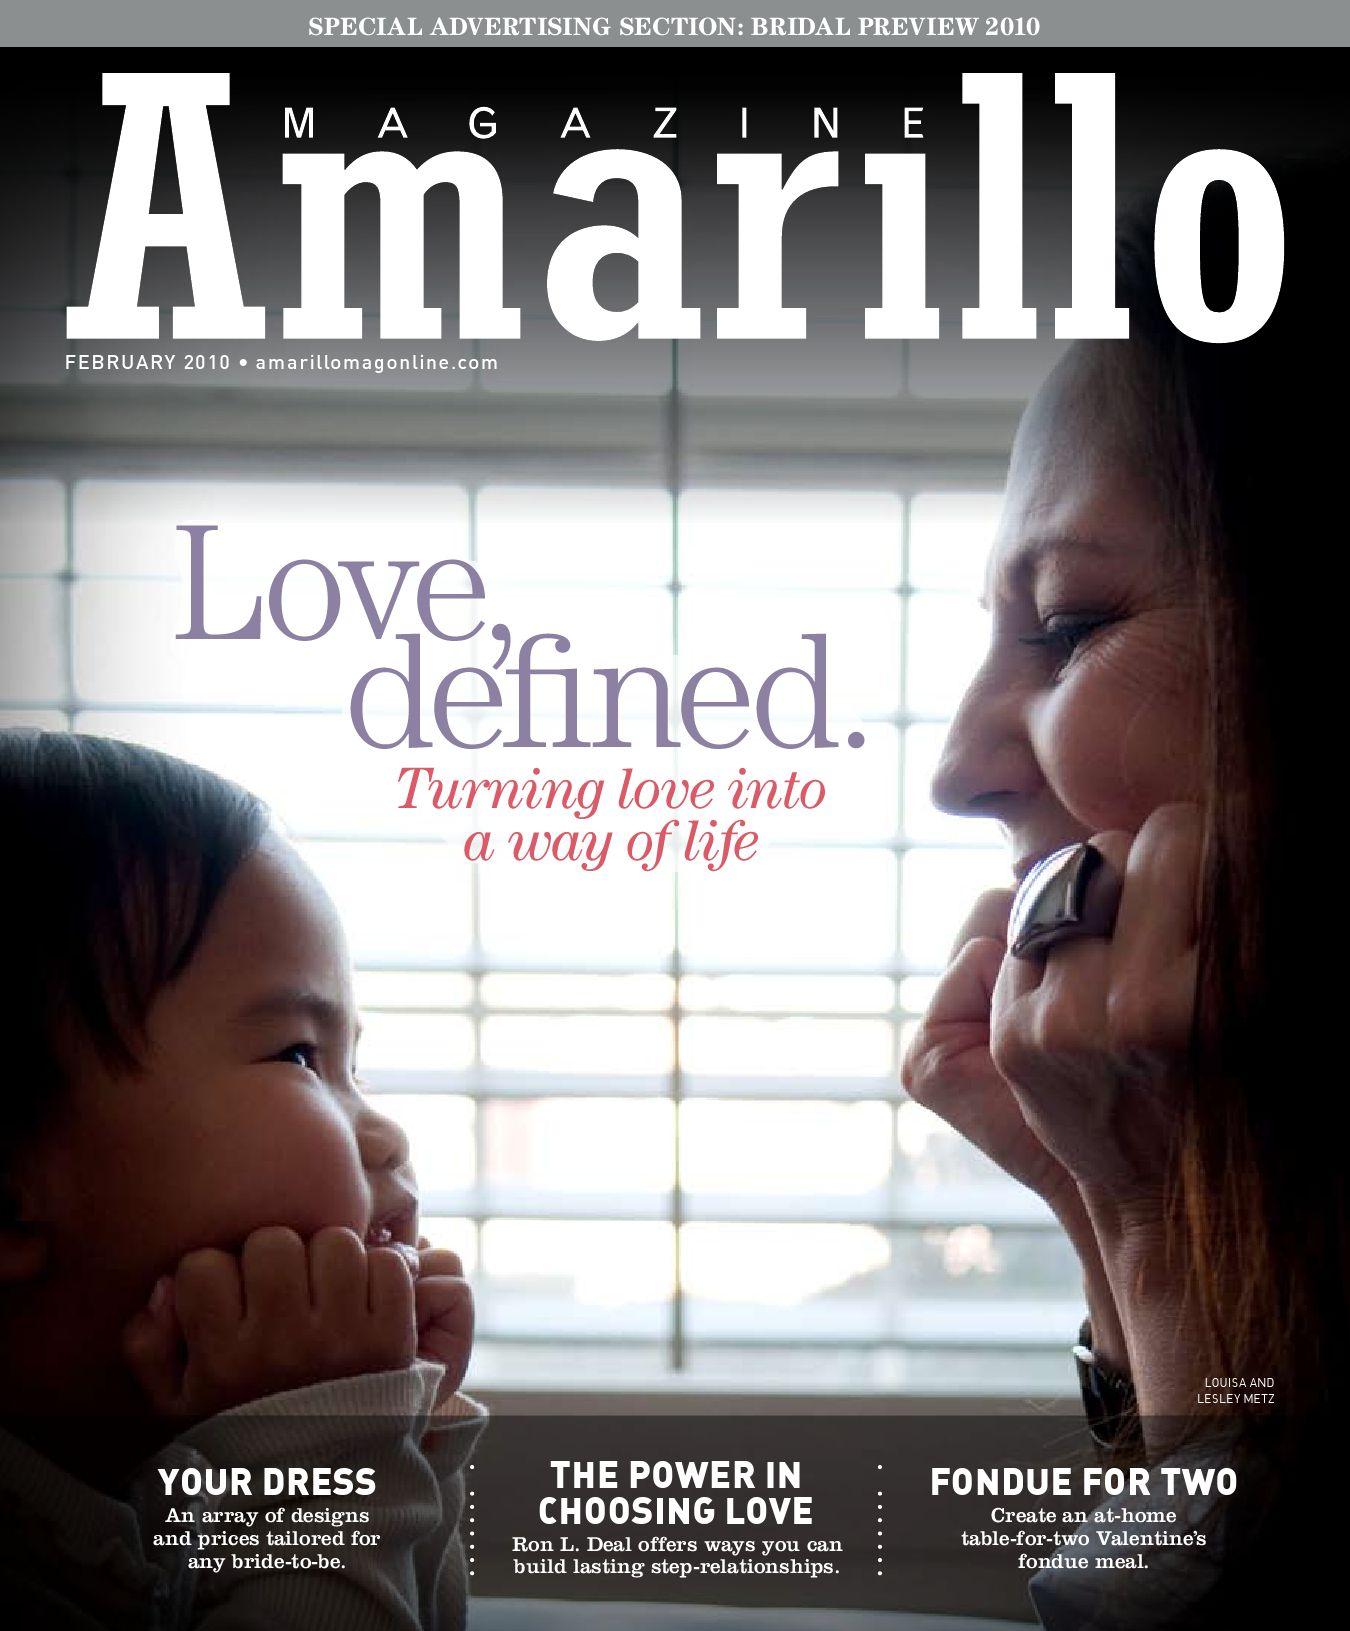 Amarillo Magazine